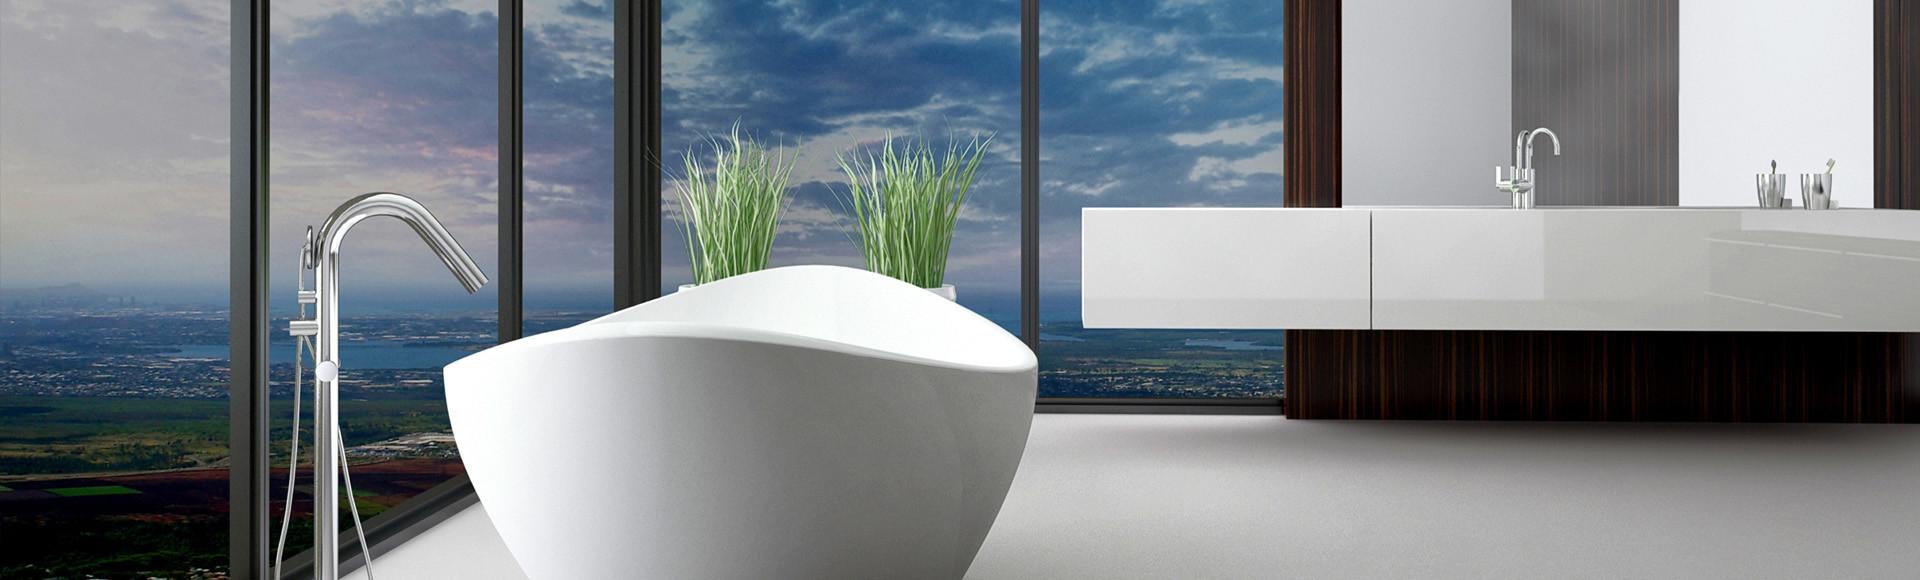 Bathroom Remodel Banner